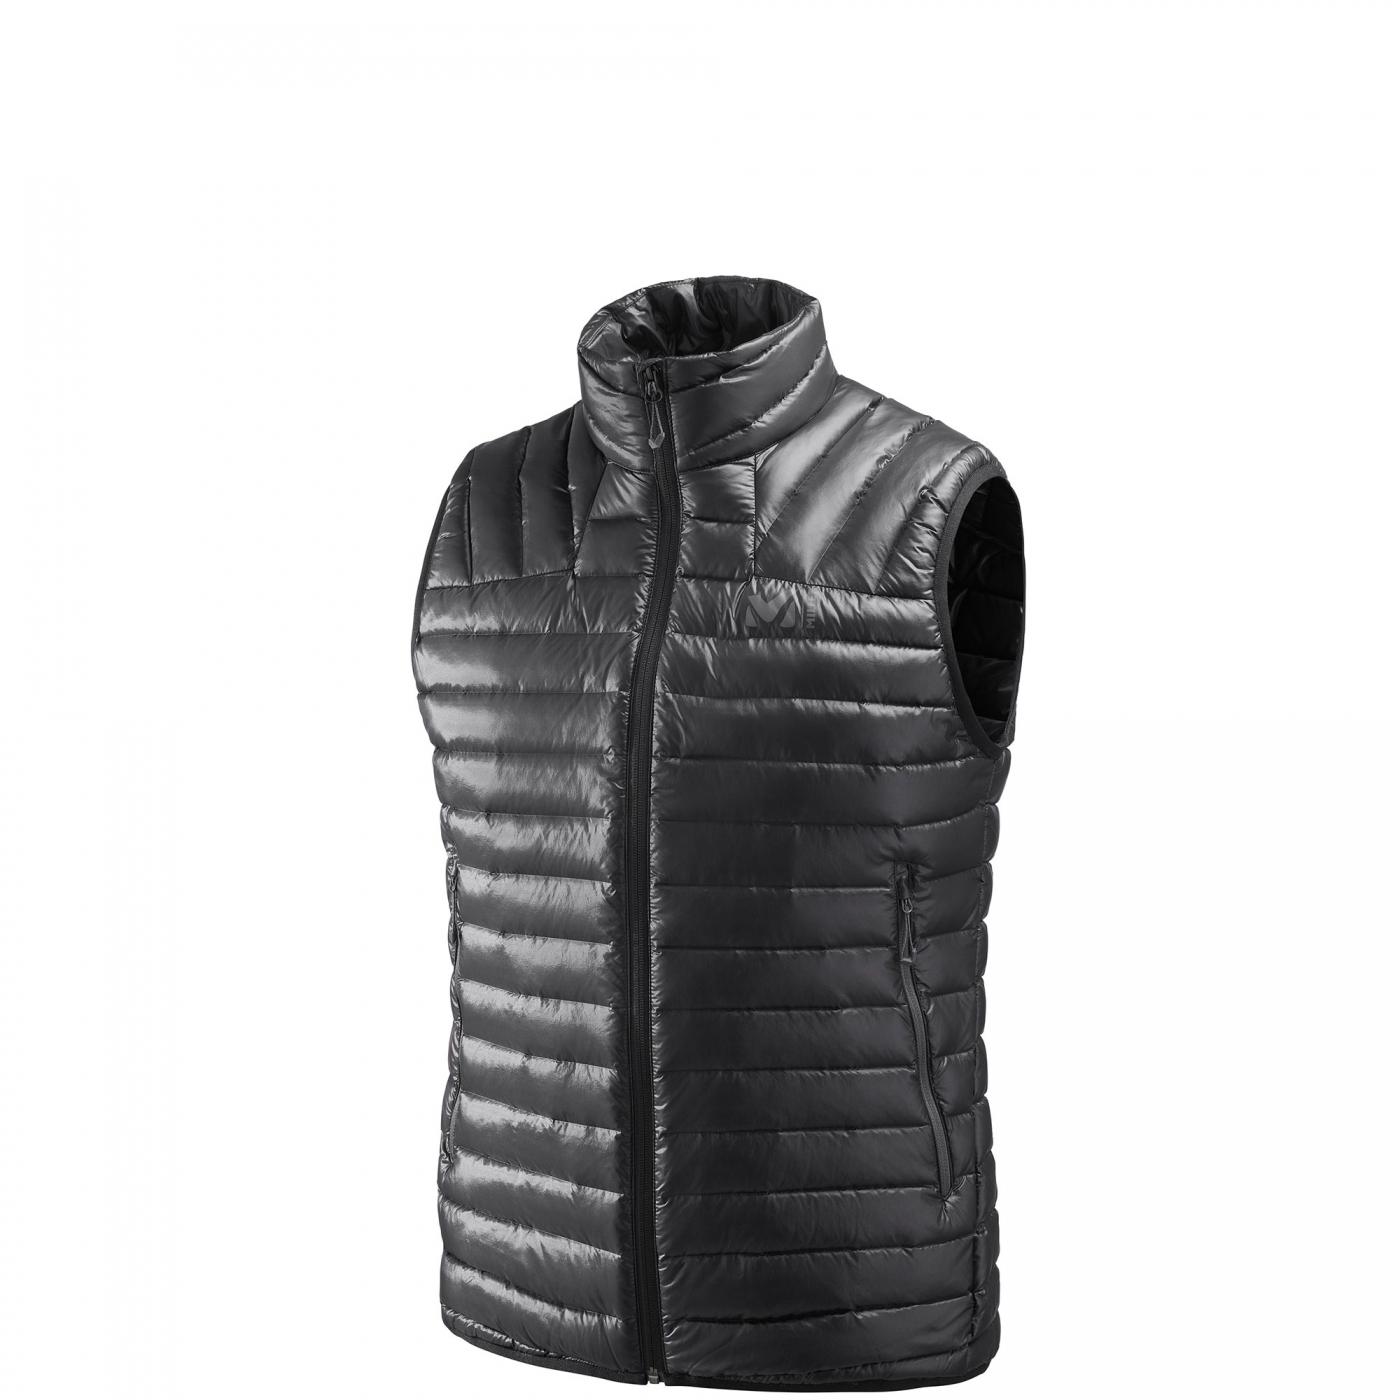 94567850d74 Doudoune Sans Manches Millet K Synth x Down Vest Black